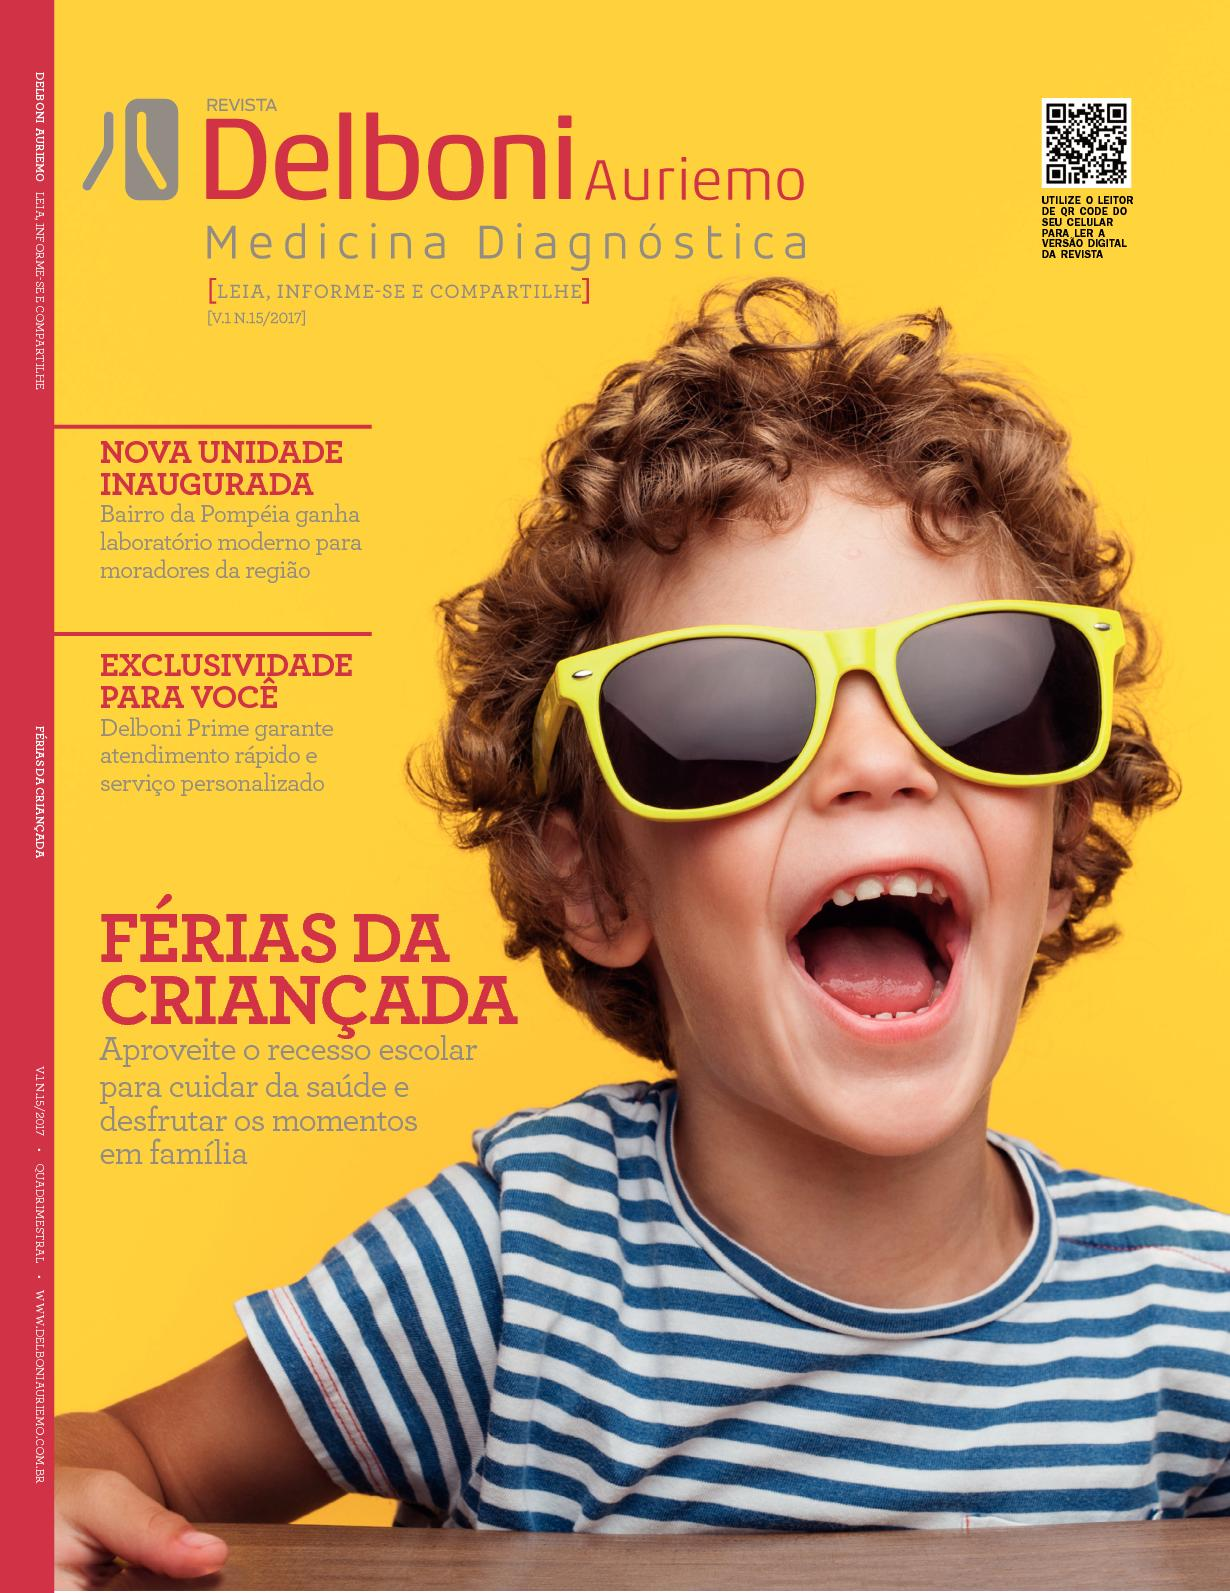 8b87bf205b3d6 Calaméo - Revista Delboni - 15ª edição